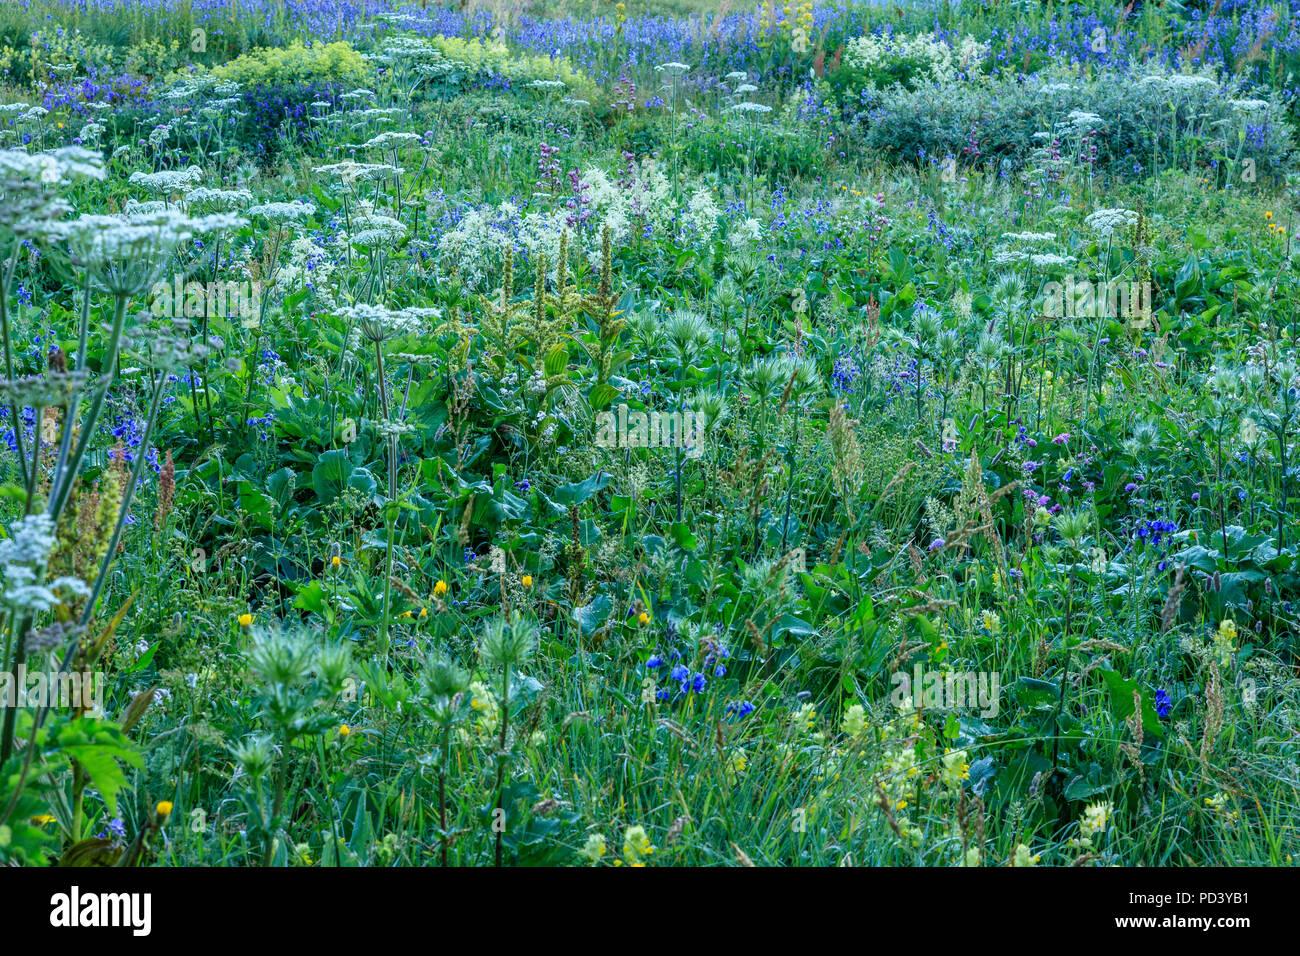 France, Hautes Alpes, Villar d'Arêne, le jardin botanique alpin du Lautaret //France, Hautes-Alpes (05), Villar-d'Arène, jardin alpin du Lautaret, prair Photo Stock